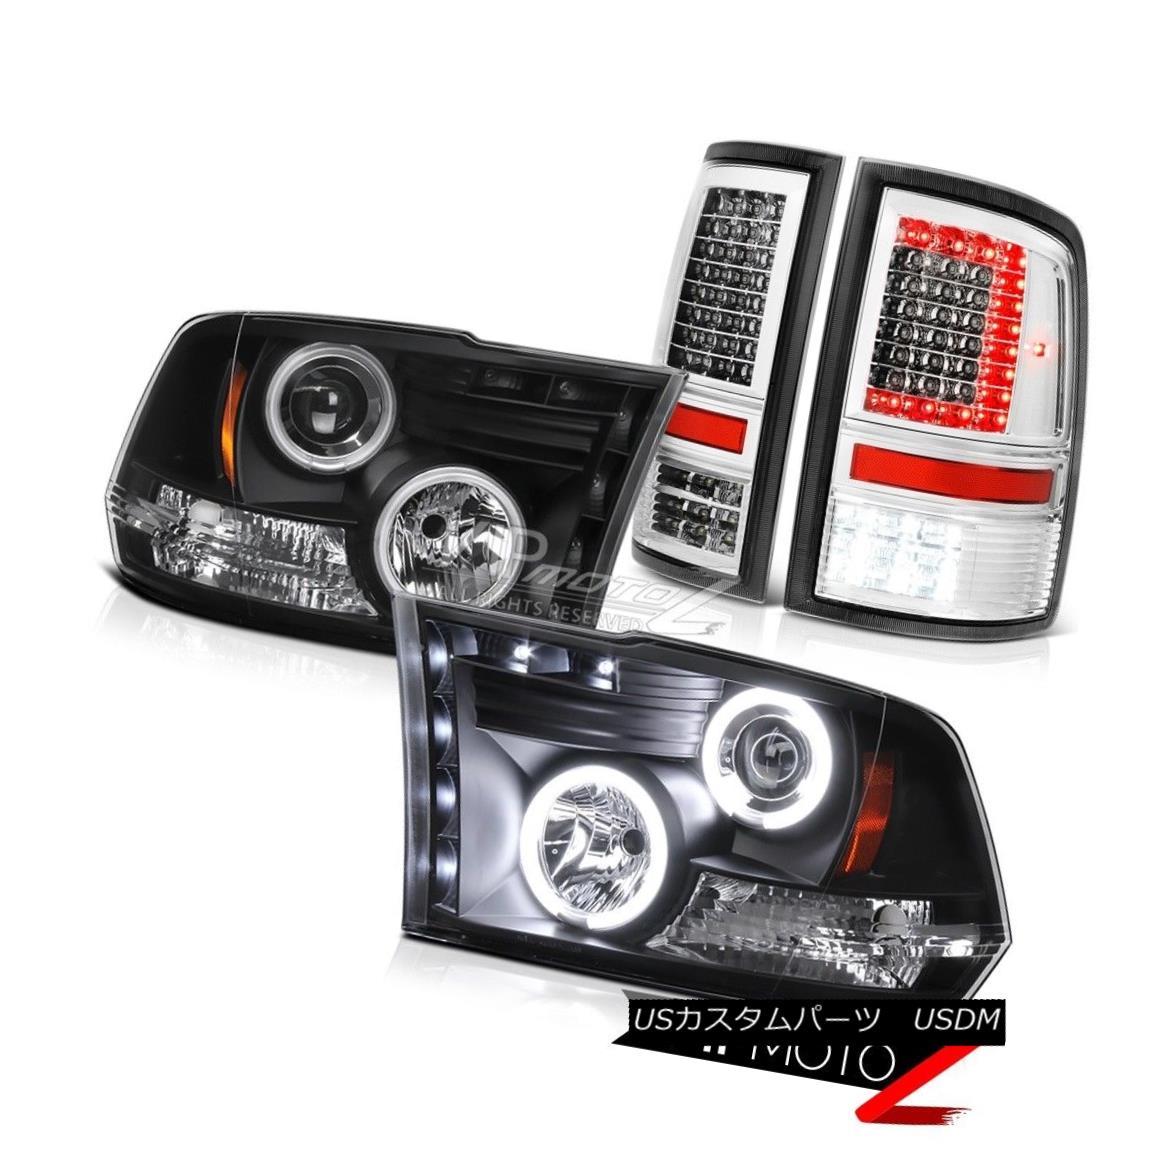 ヘッドライト 09-15 16 17 Dodge RAM 1500 3500 Tail Lights Matte Black Ccfl Headlamp Assembly 09-15 16 17ダッジRAM 1500 3500テールライトマットブラックCcflヘッドランプアセンブリ